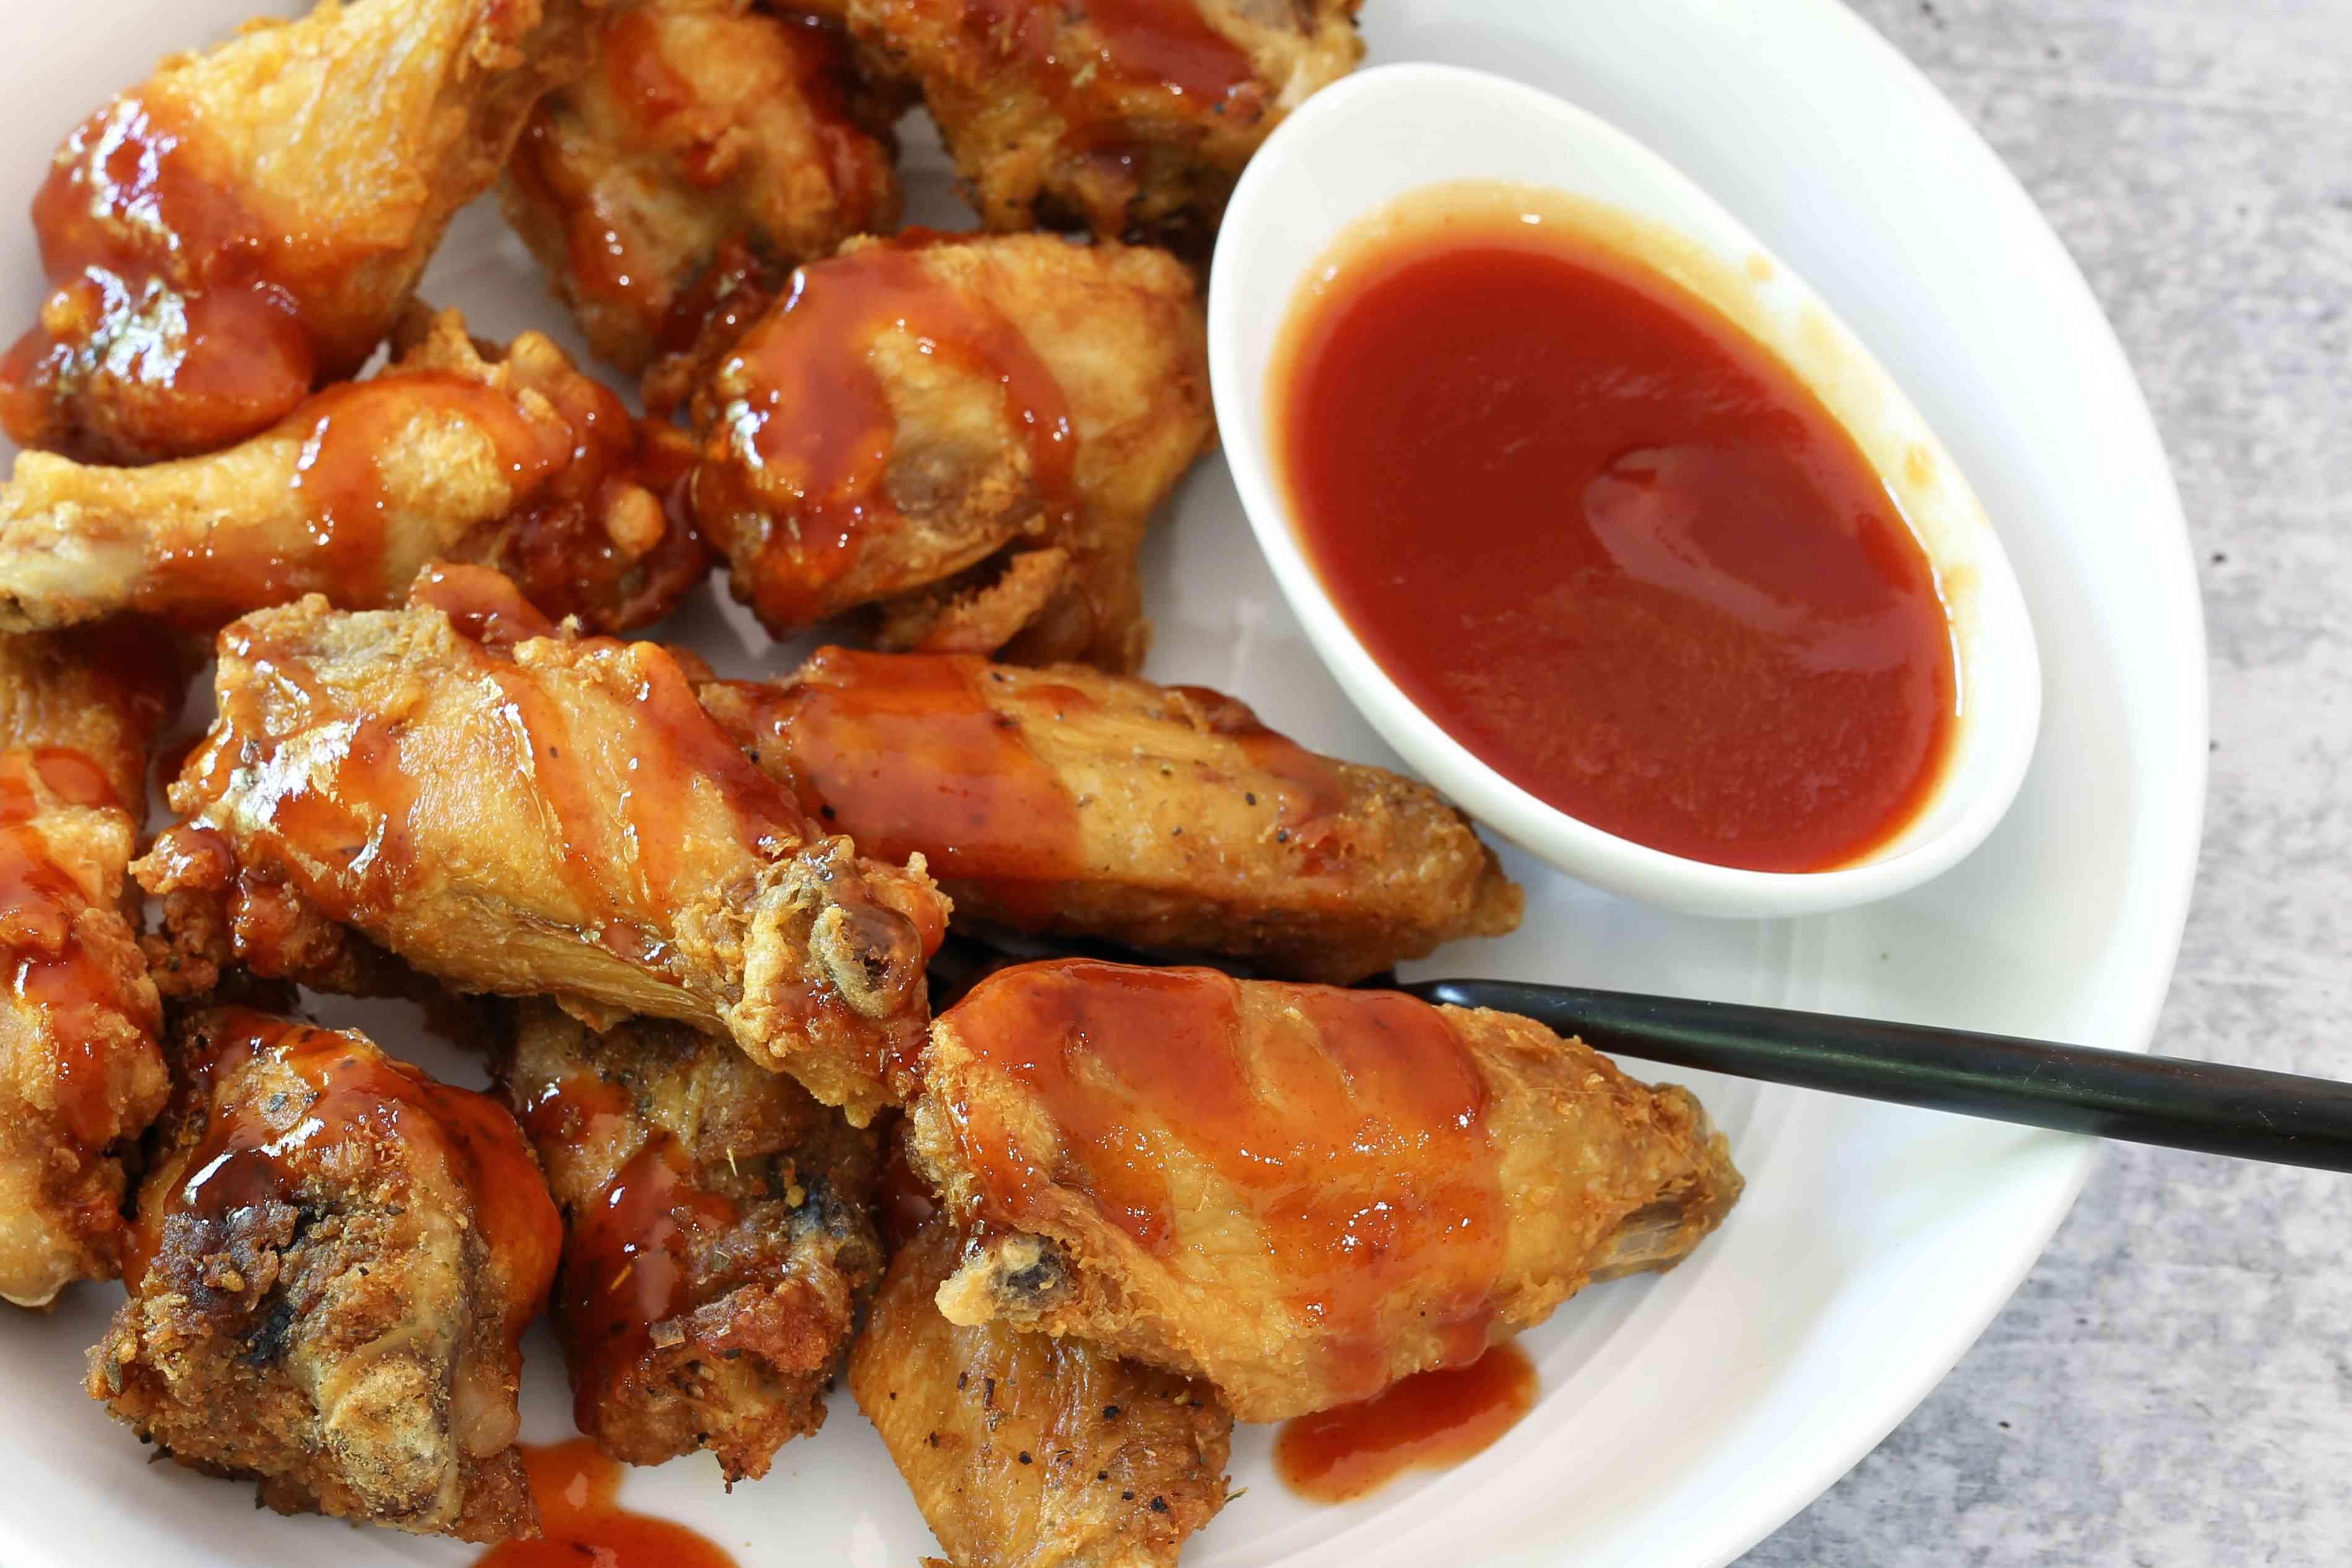 Mambo sauce or mumbo sauce with chicken wings.